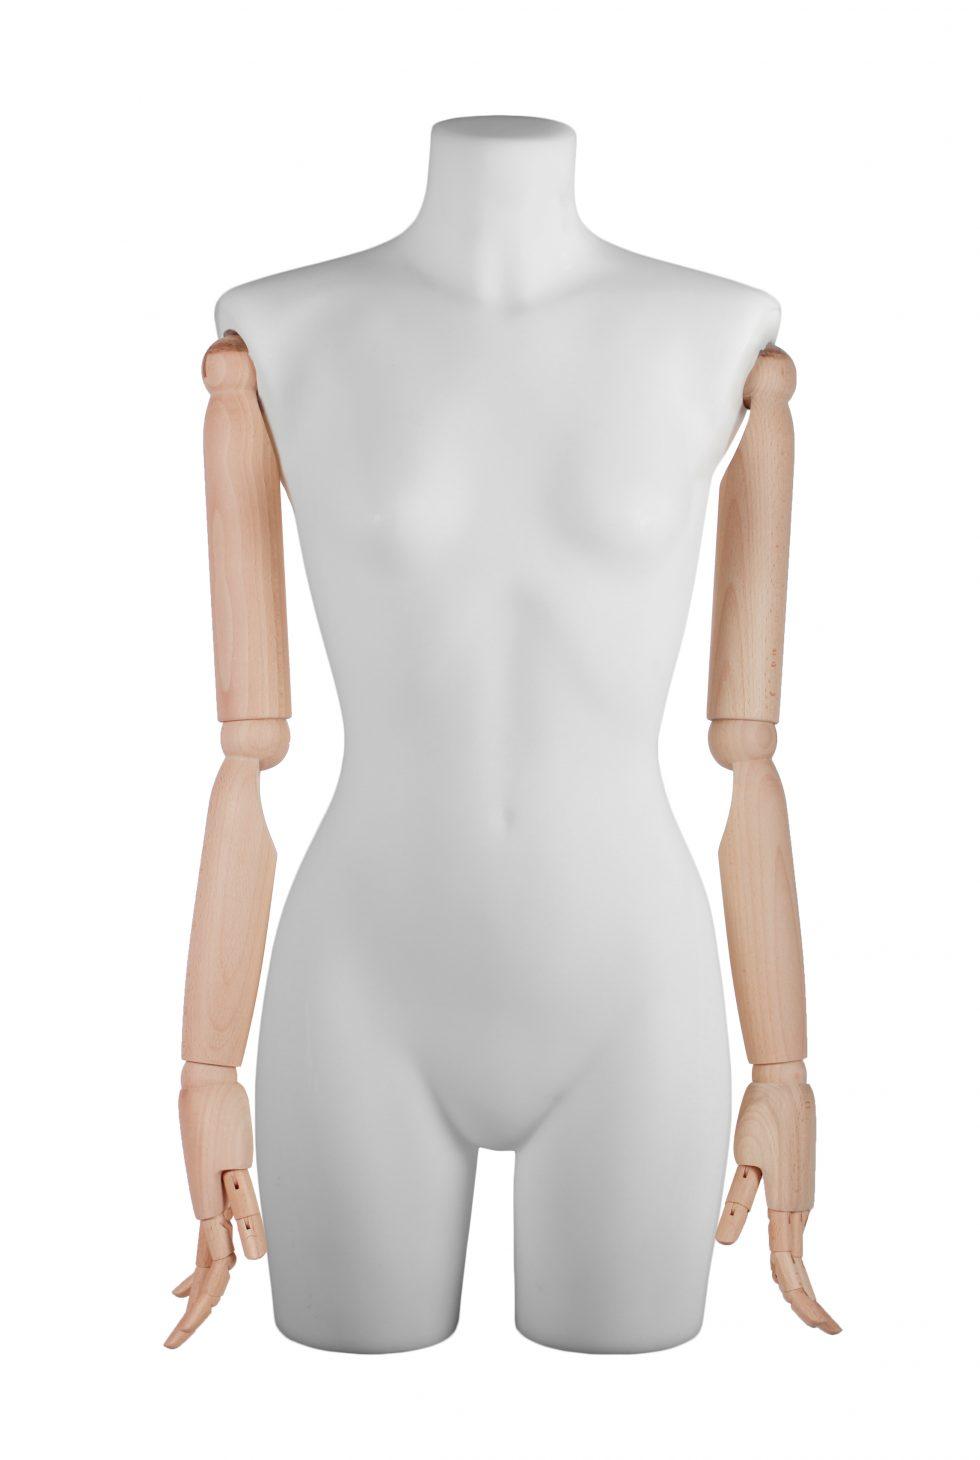 busto donna polietilene con braccia in legno